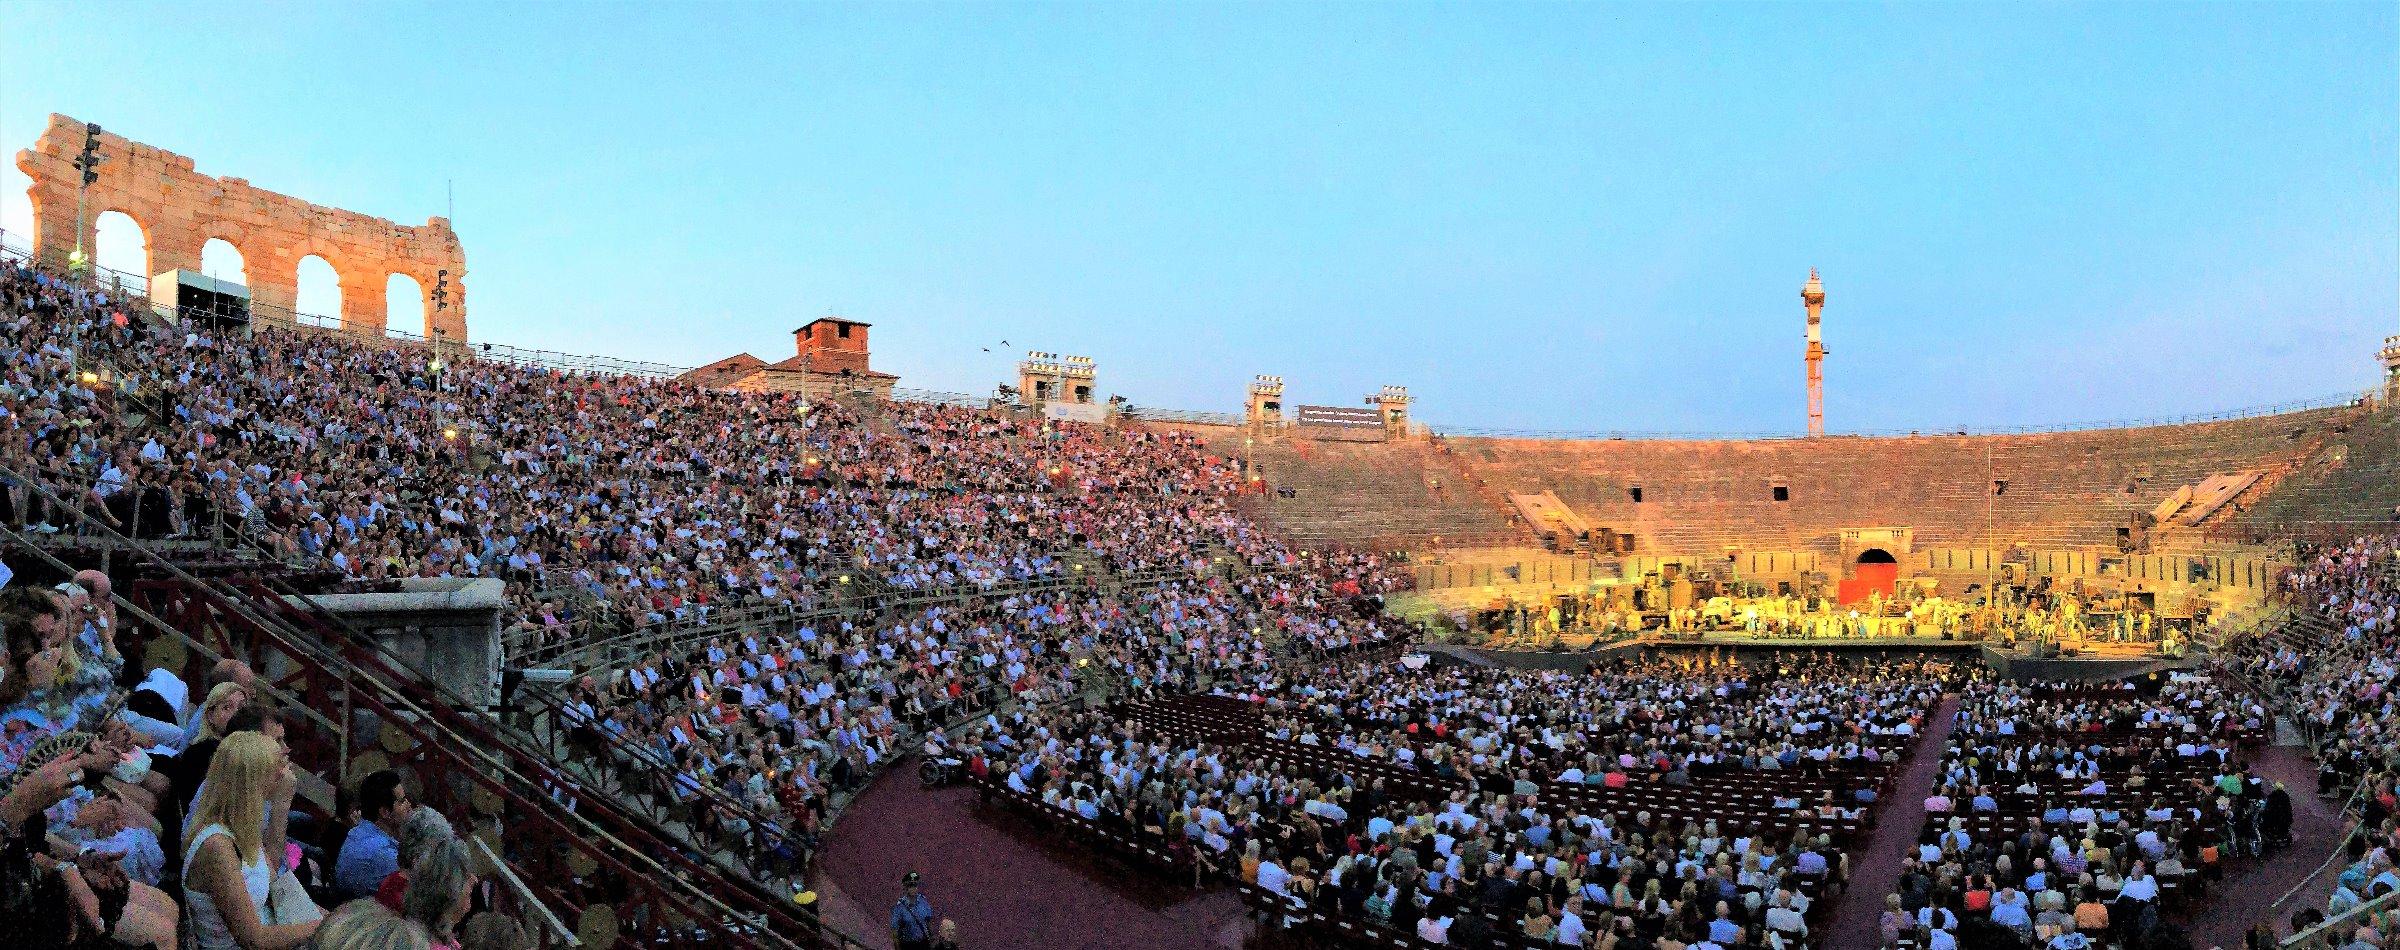 Verona opera Arena